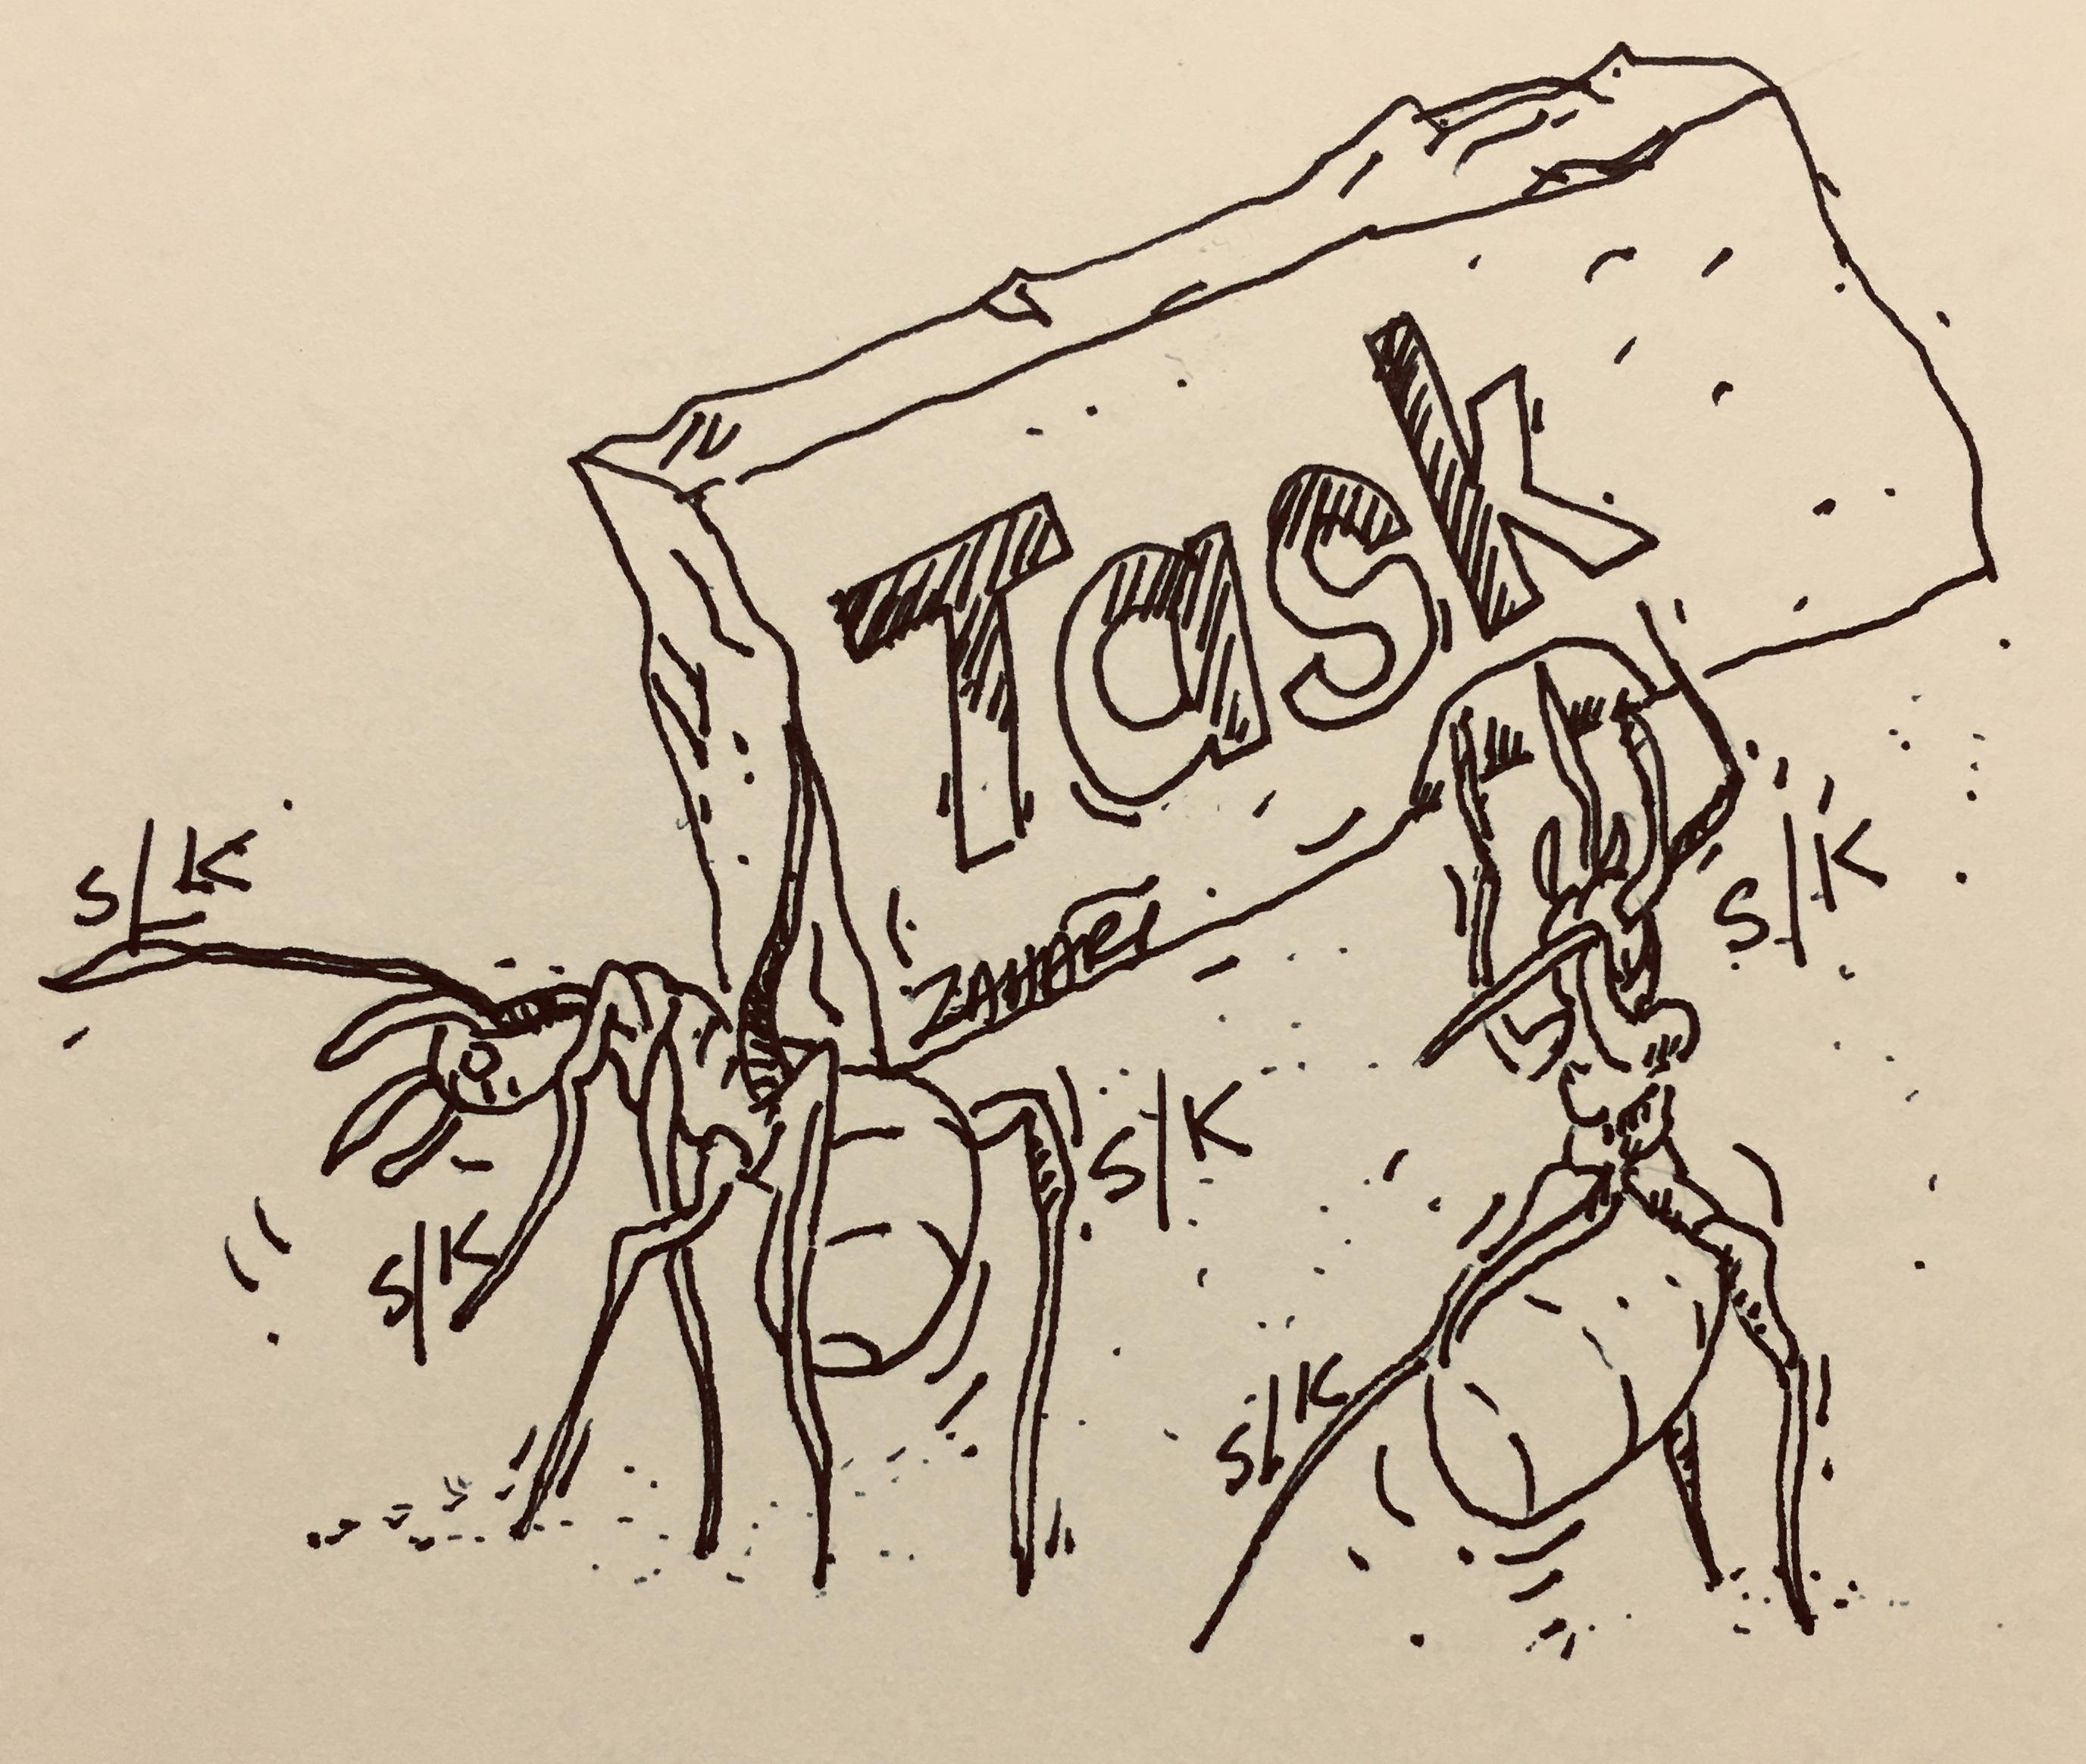 Illustration: Task Analysis